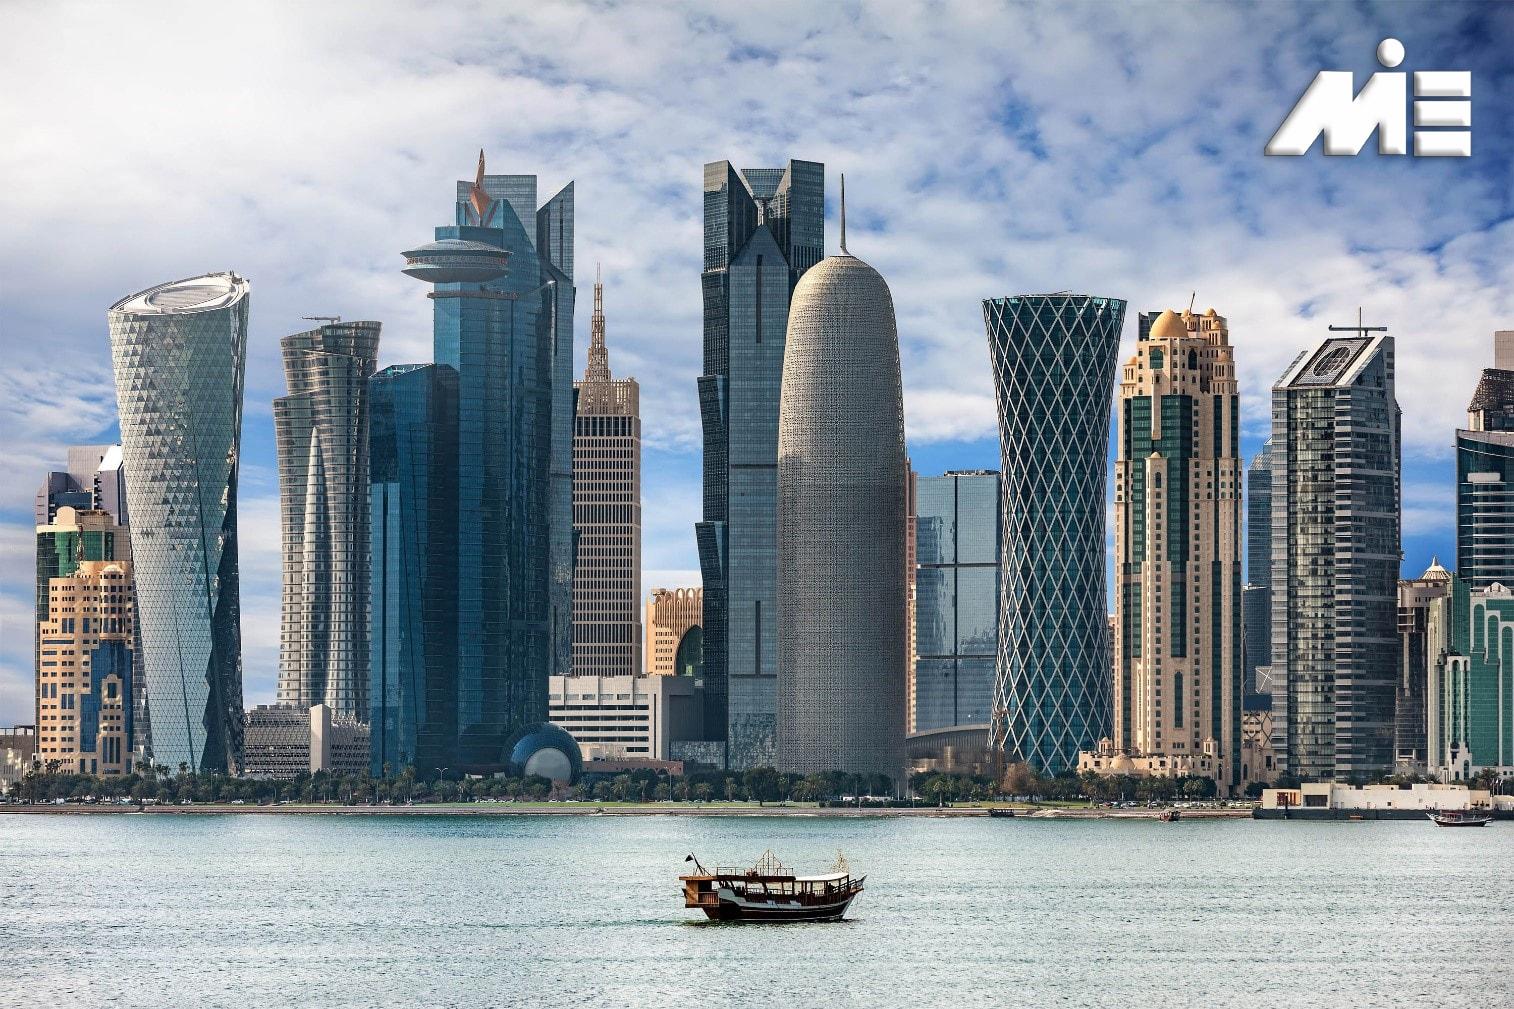 مهاجرت به قطر | ویزای قطر | کار در قطر | پاسپورت قطر